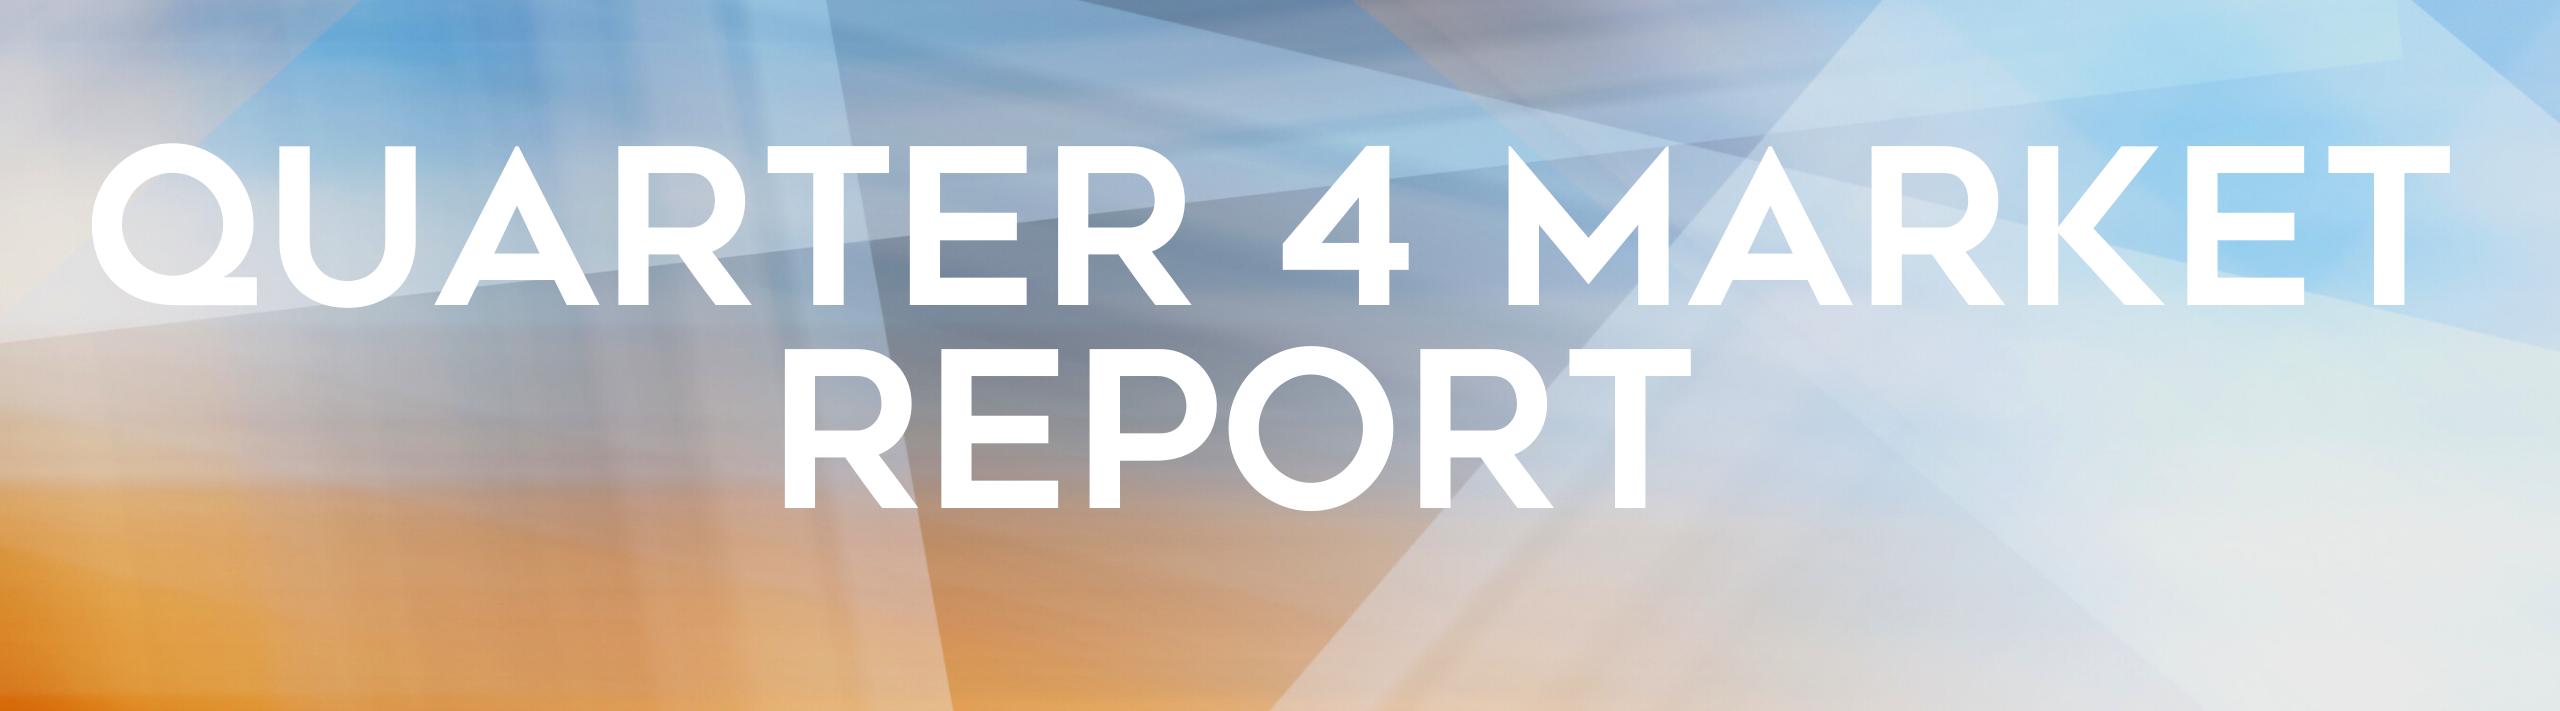 Telluride Market Report Quarter 4 2020